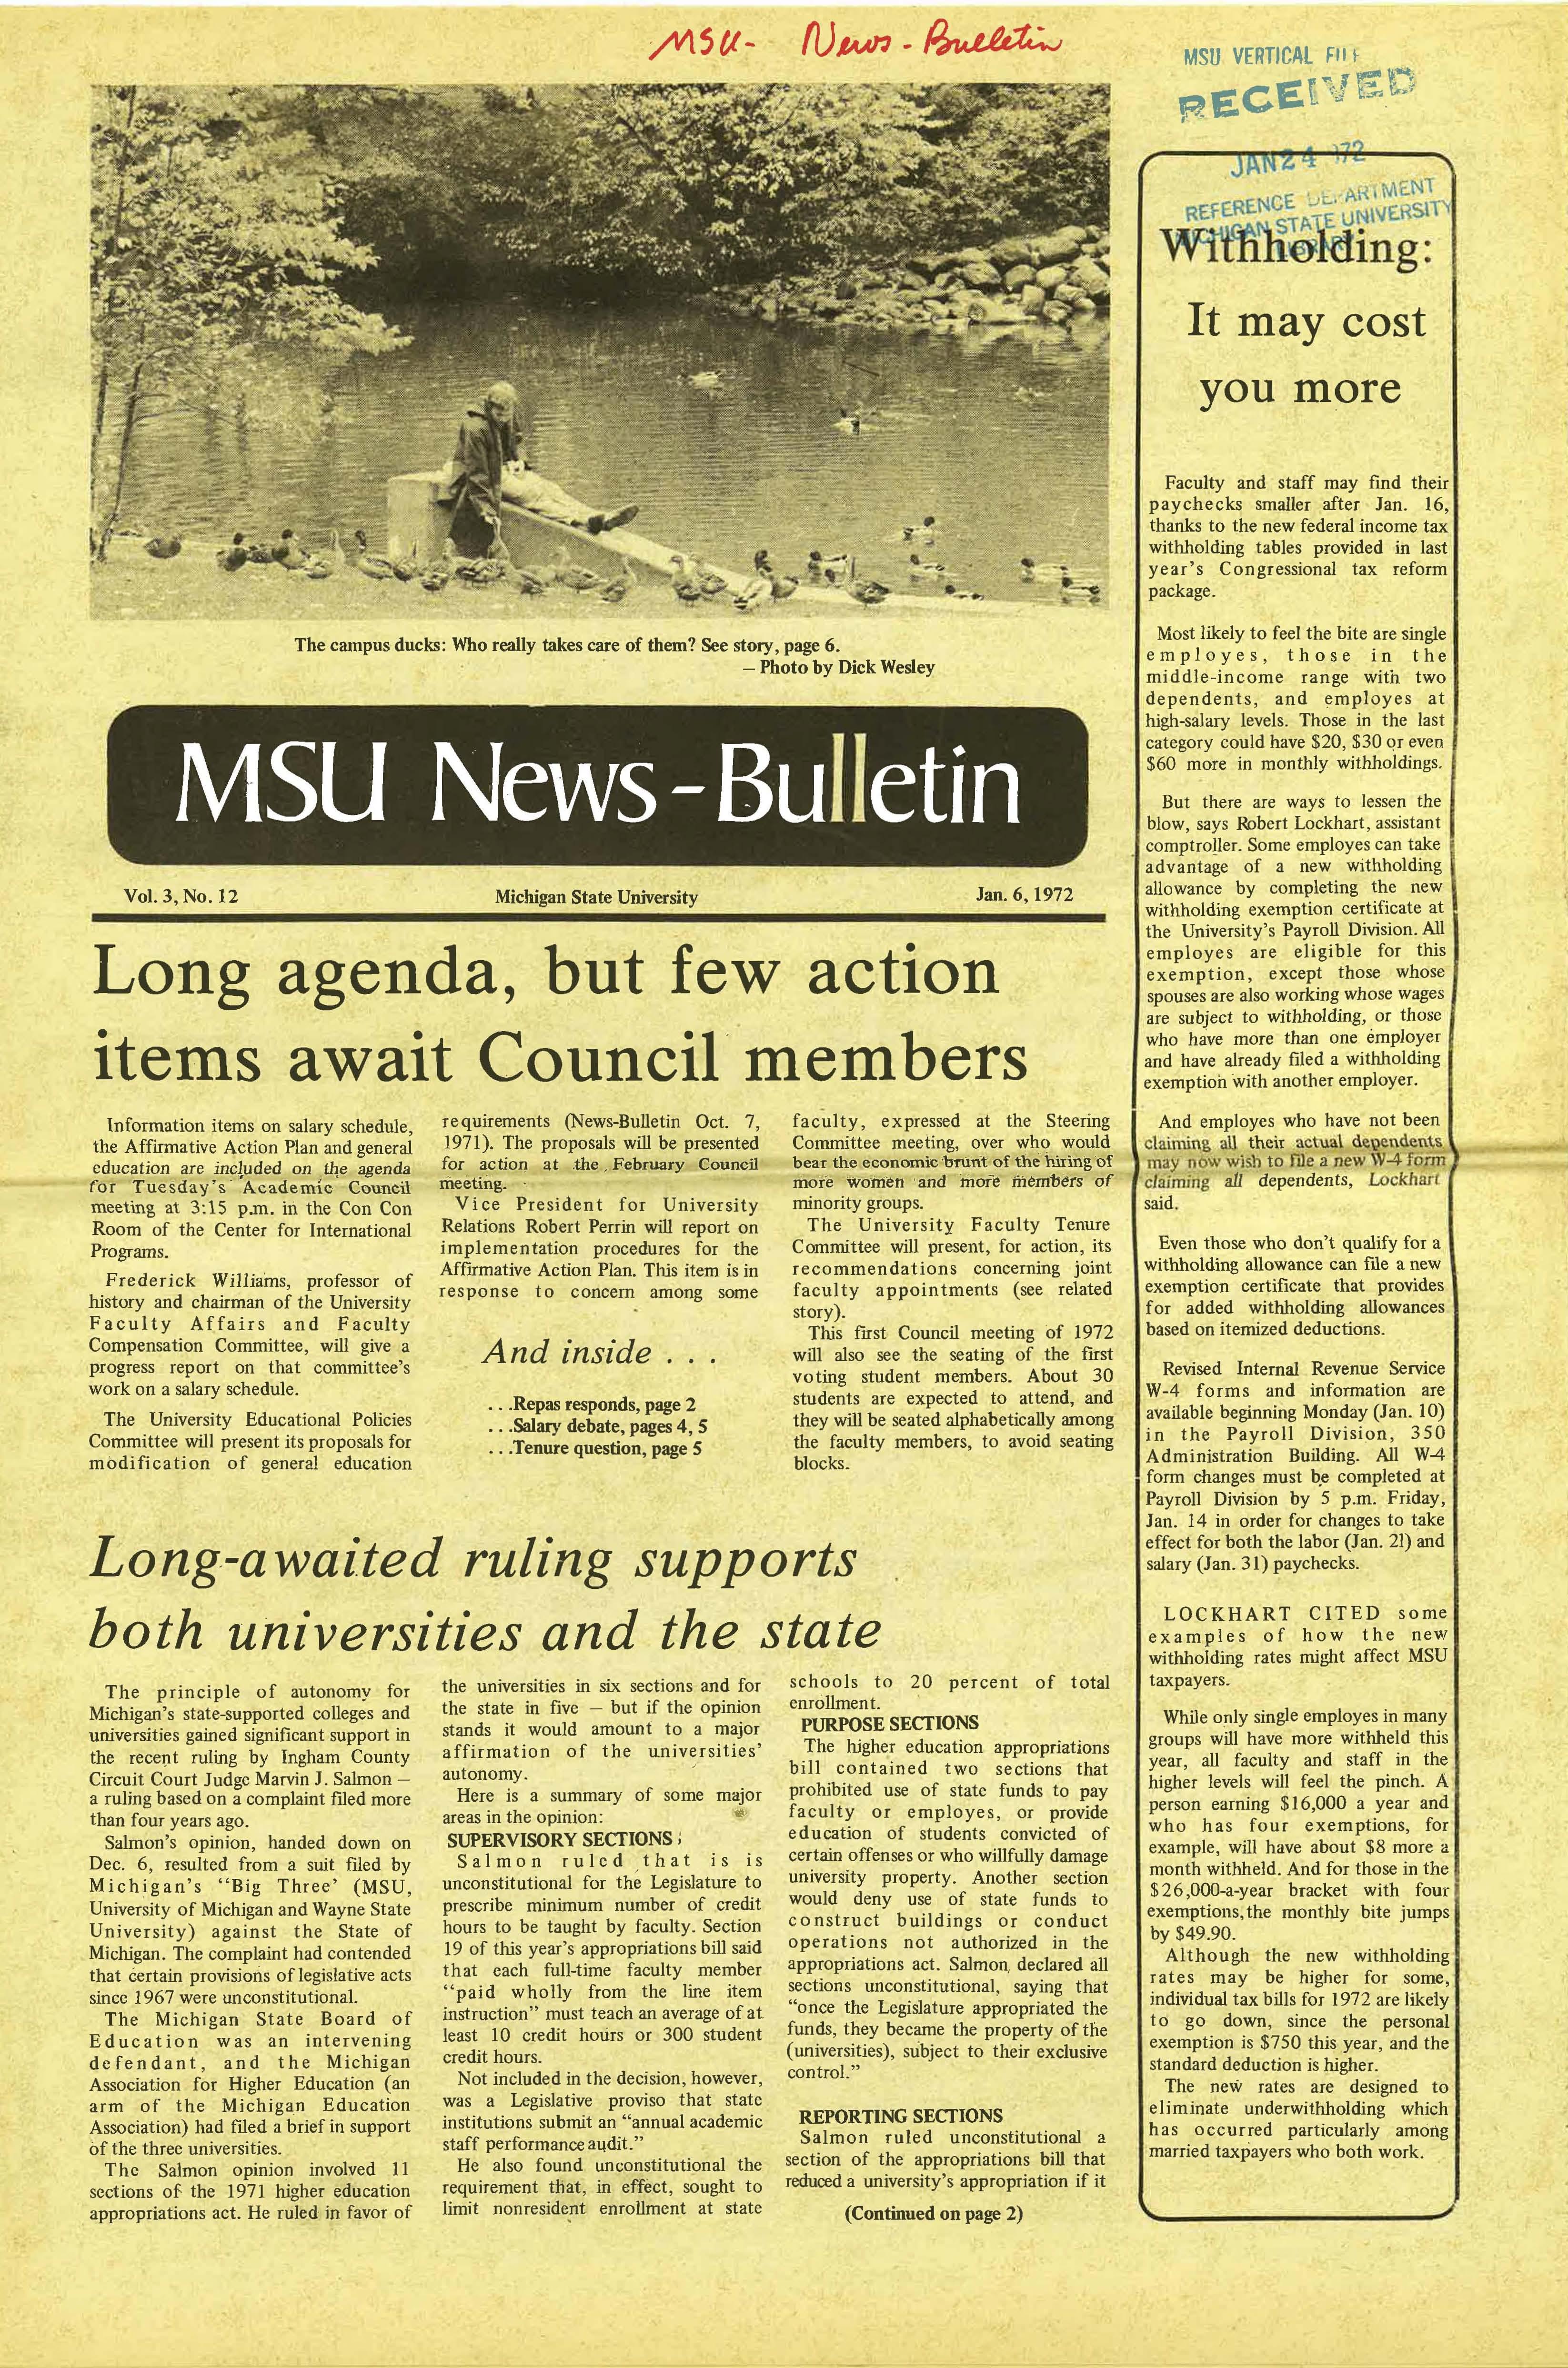 MSU News Bulletin, vol. 3, No. 24, April 13, 1972